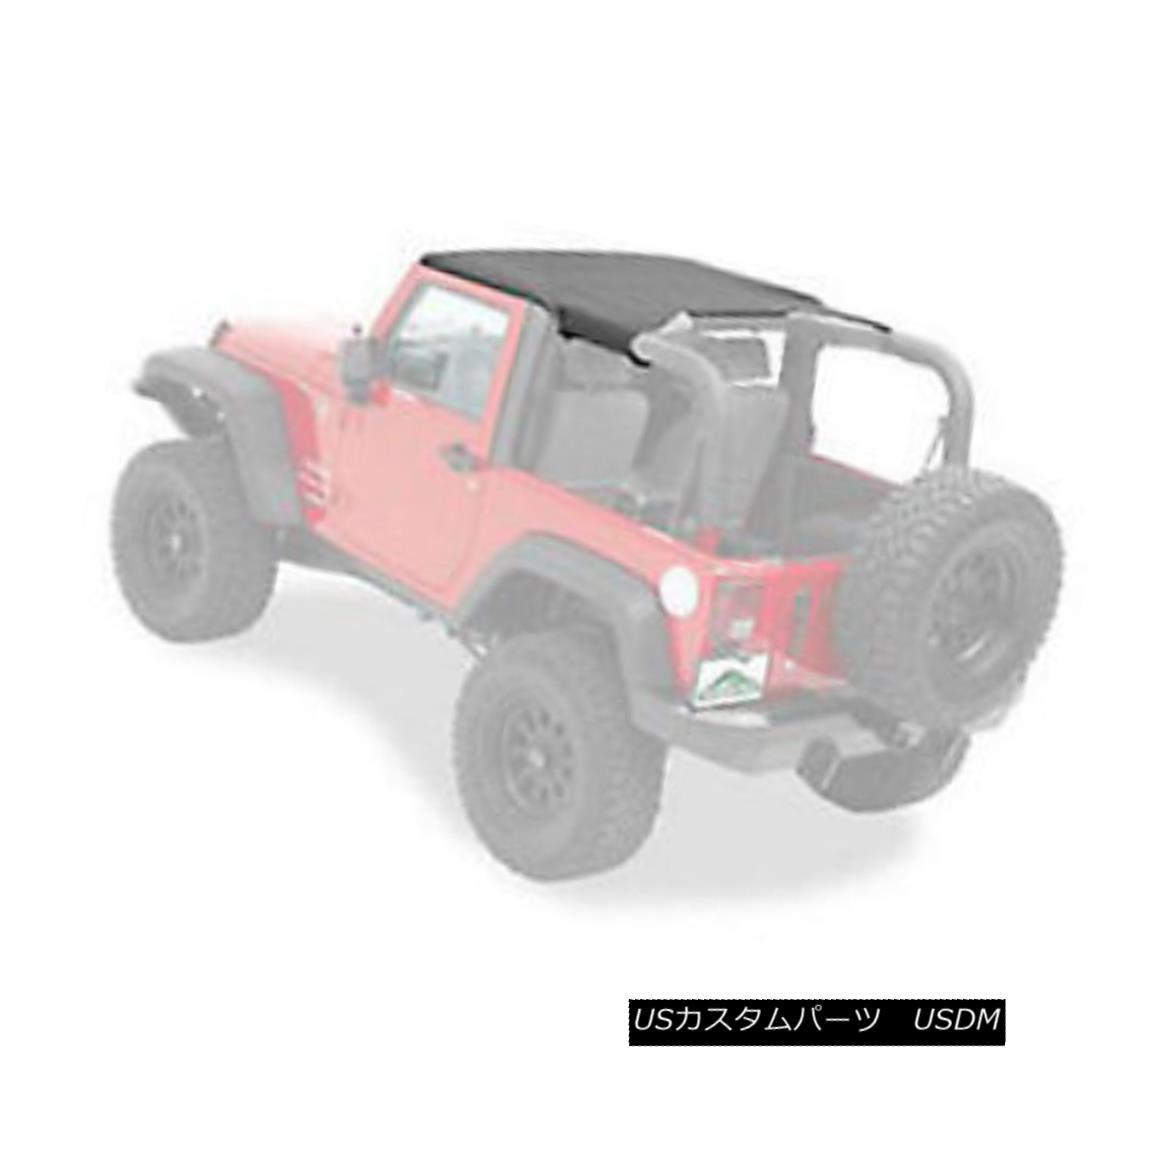 幌・ソフトトップ Pavement Ends Sun Cap Protection 07-17 Jeep Wrangler JK JKU Black Diamond 舗道はサンキャップ保護を終える07-17ジープラングラーJK JKUブラックダイヤモンド